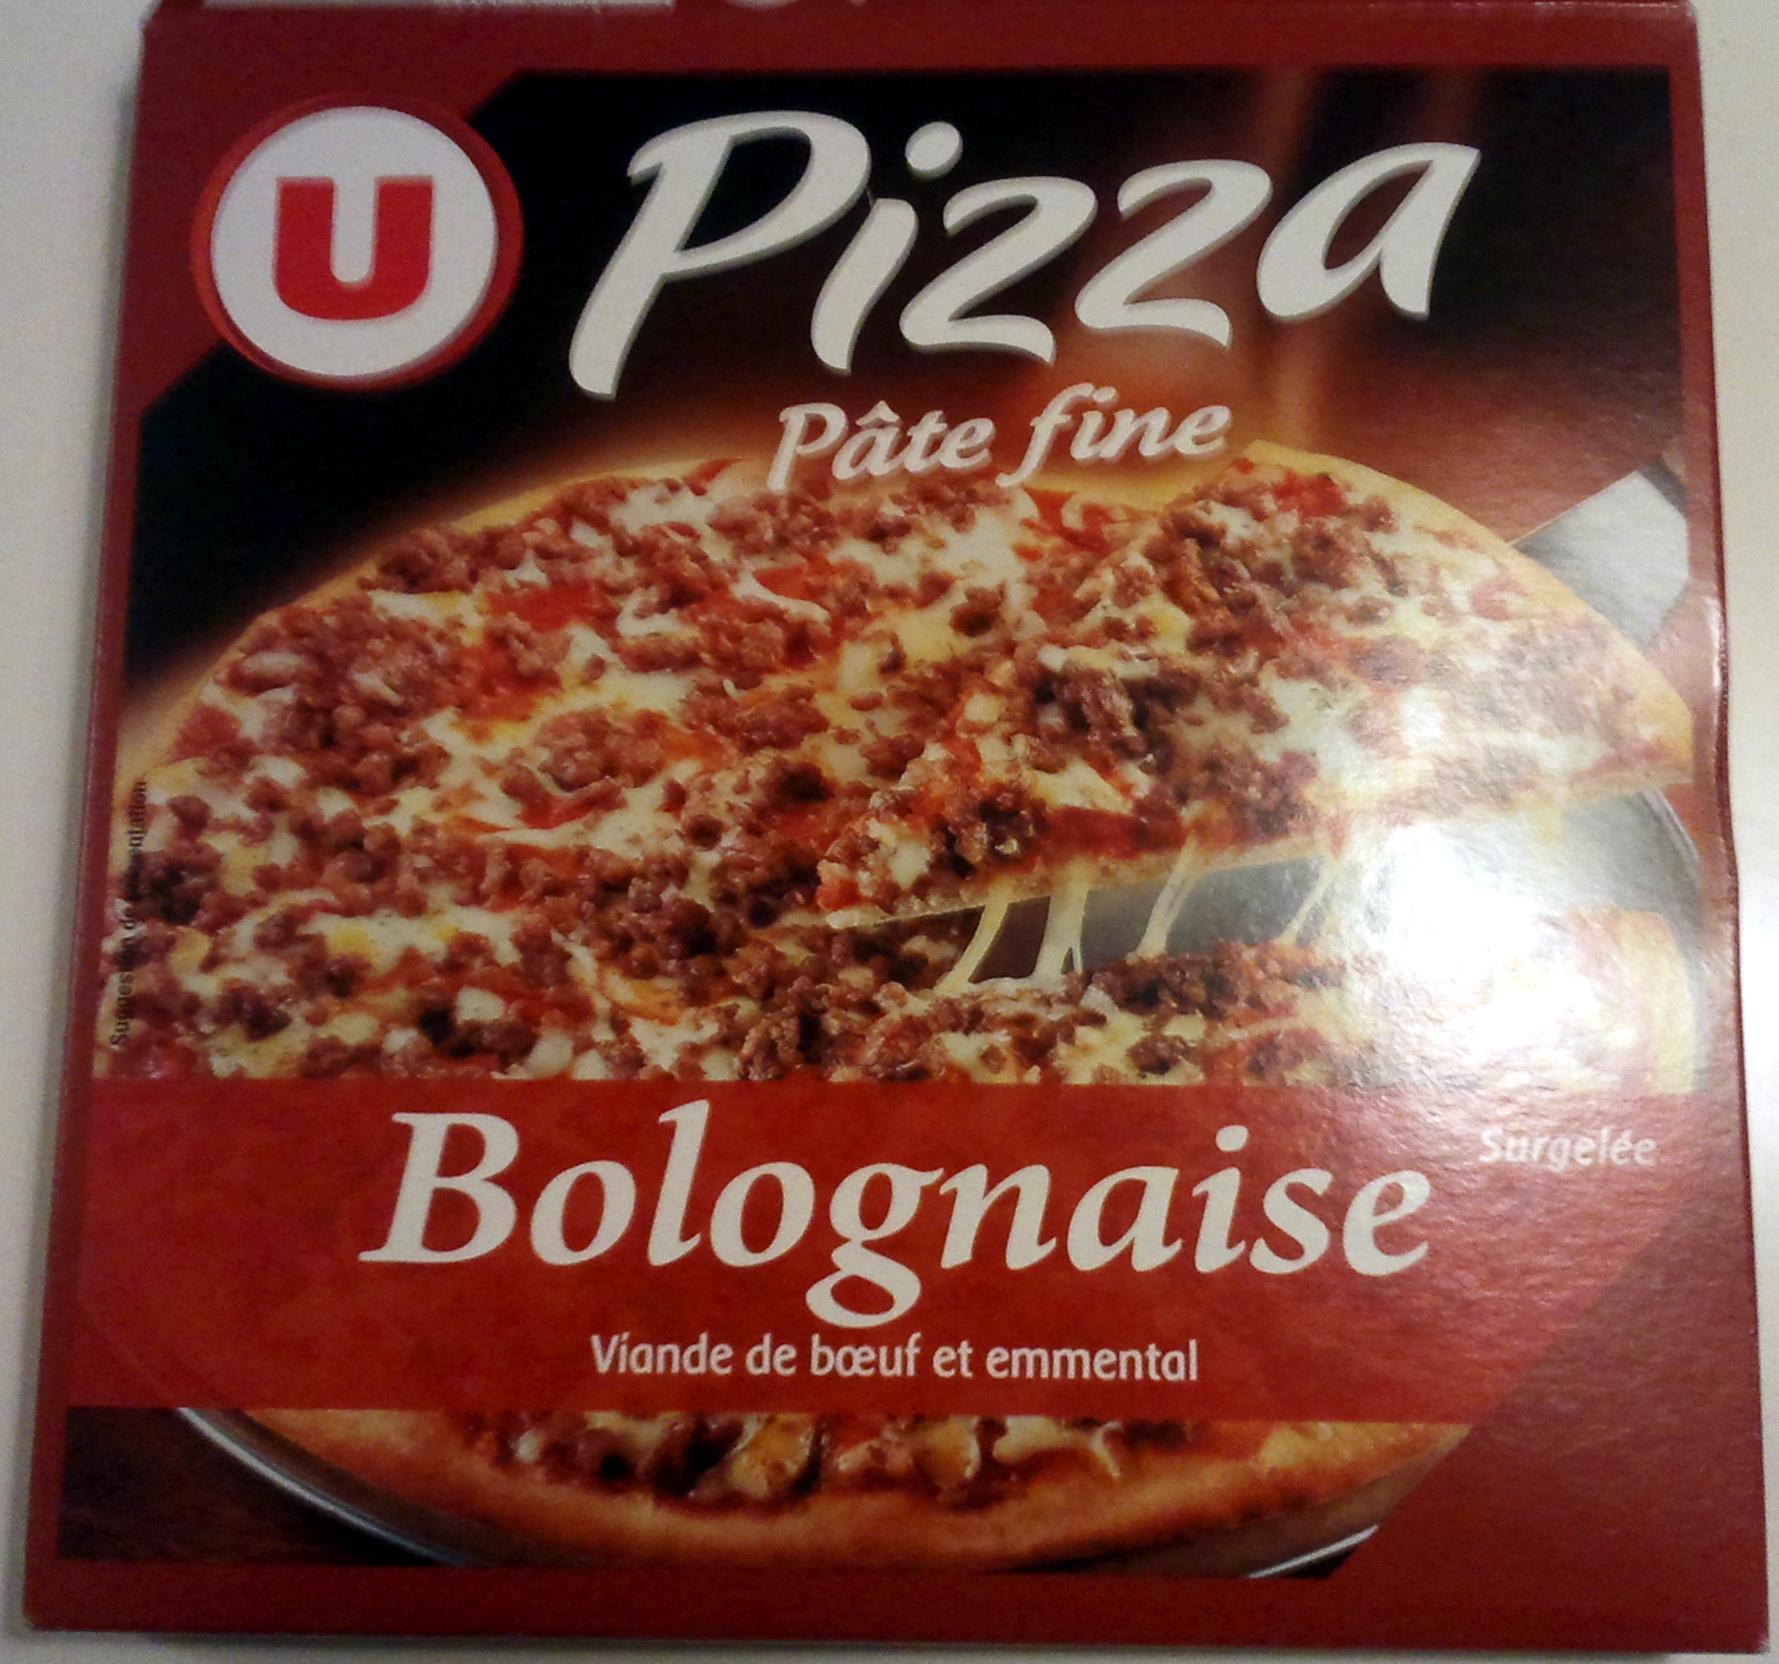 pizza surgel e p te fine bolognaise viande de boeuf et emmental u 330 g. Black Bedroom Furniture Sets. Home Design Ideas